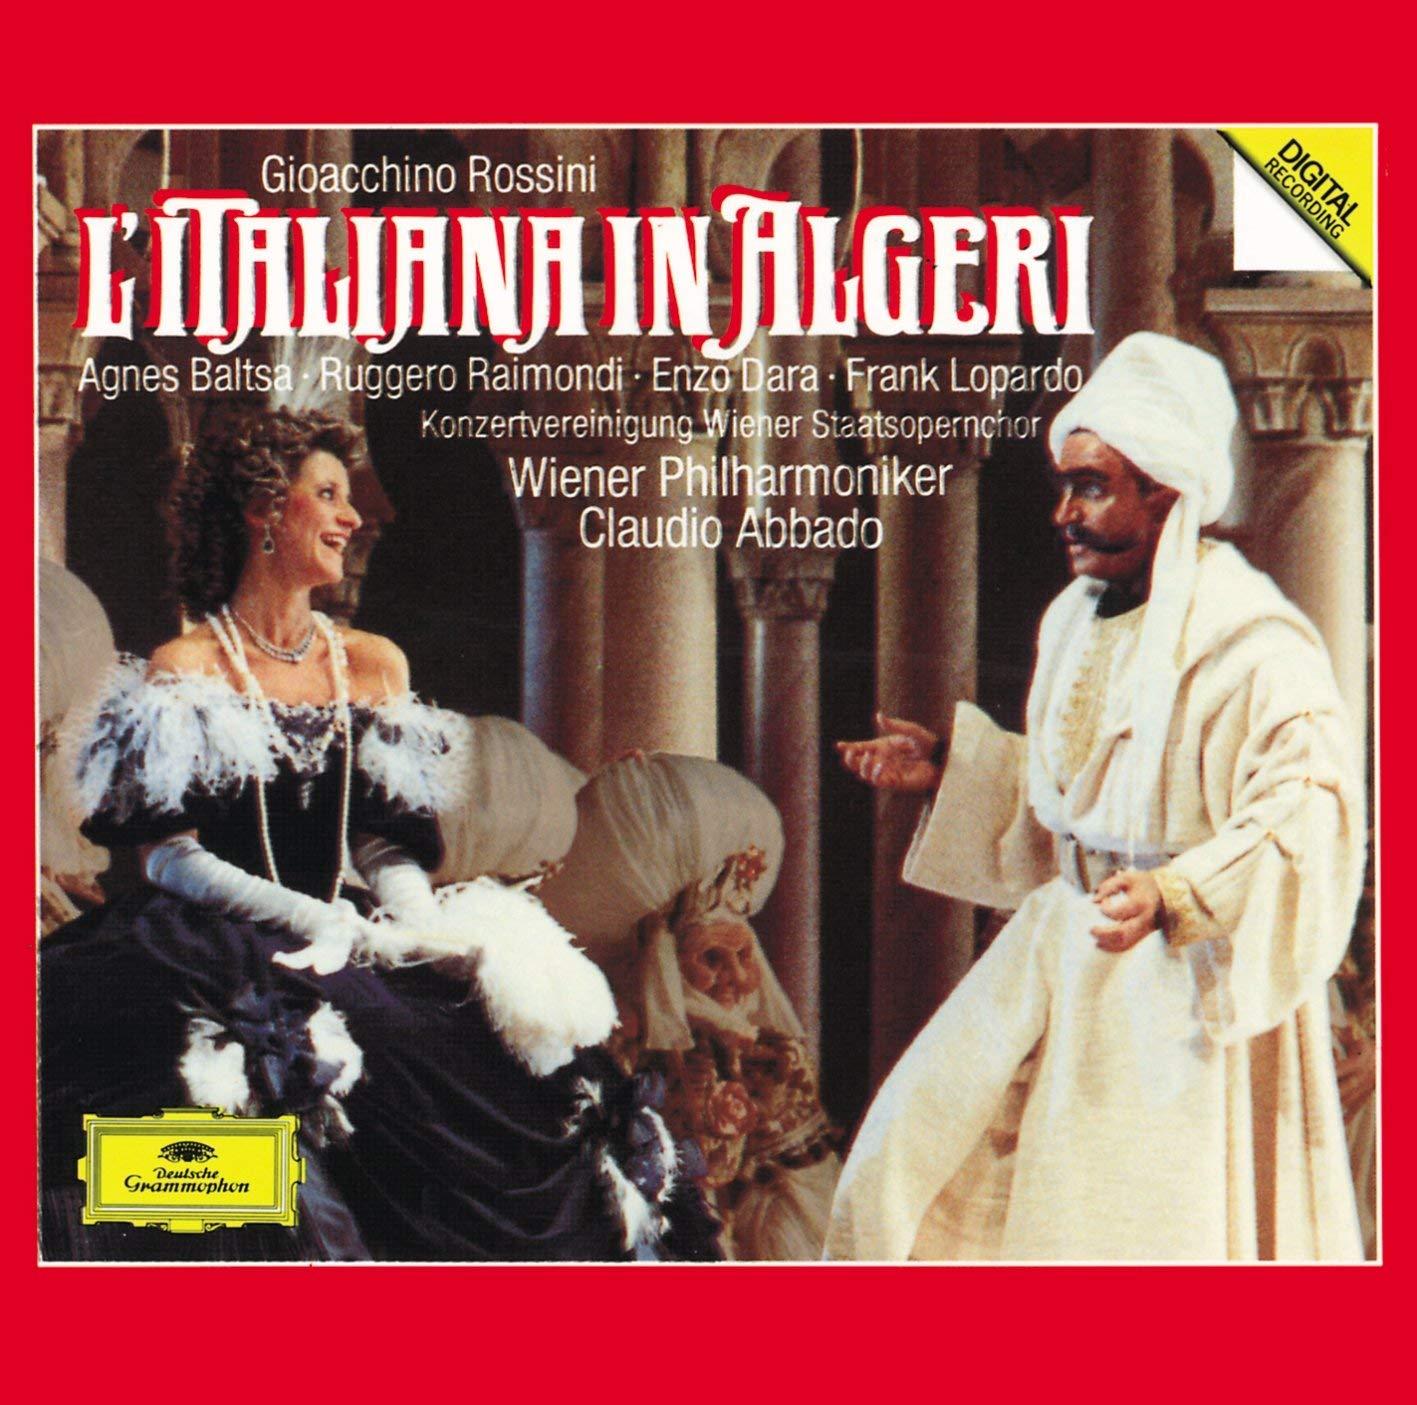 Animer and price revision Rossini: L'Italiana in Algeri Raimondi shop Dara Baltsa Lopardo